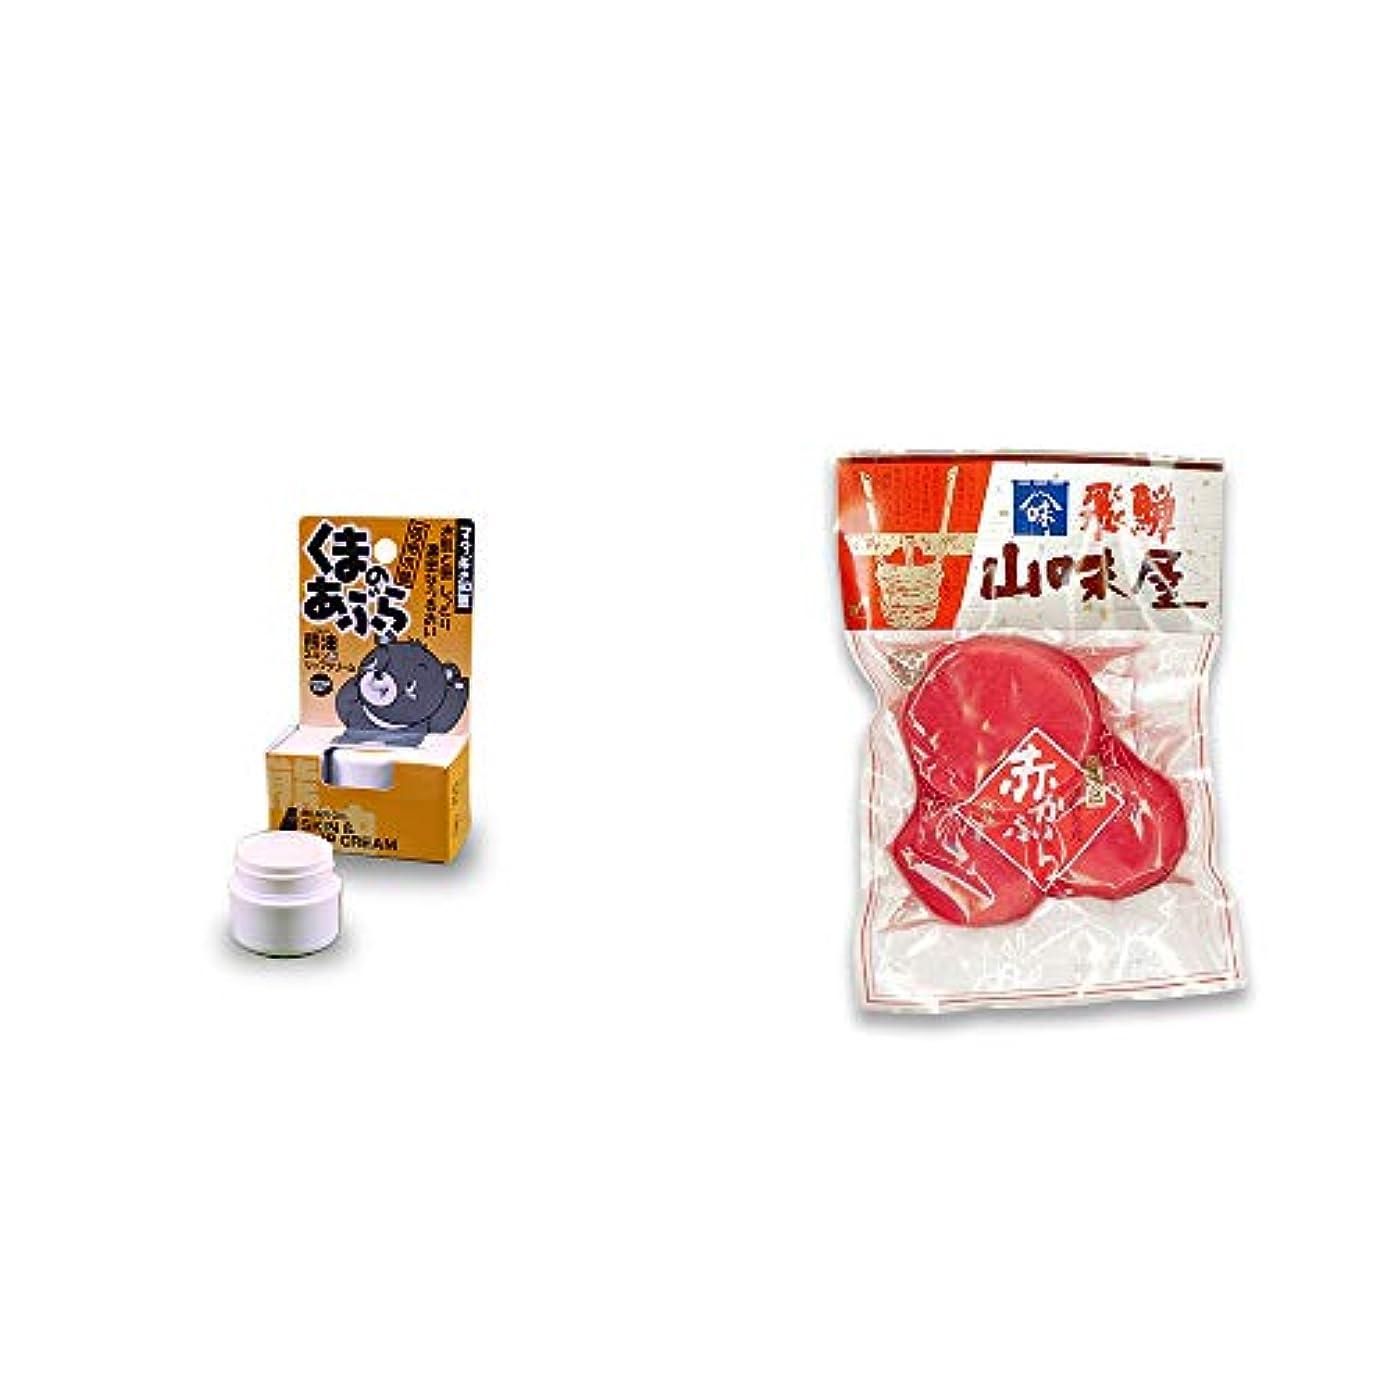 設置雨の受け入れる[2点セット] 信州木曽 くまのあぶら 熊油スキン&リップクリーム(9g)?飛騨山味屋 赤かぶら【大】(230g)[赤かぶ漬け]